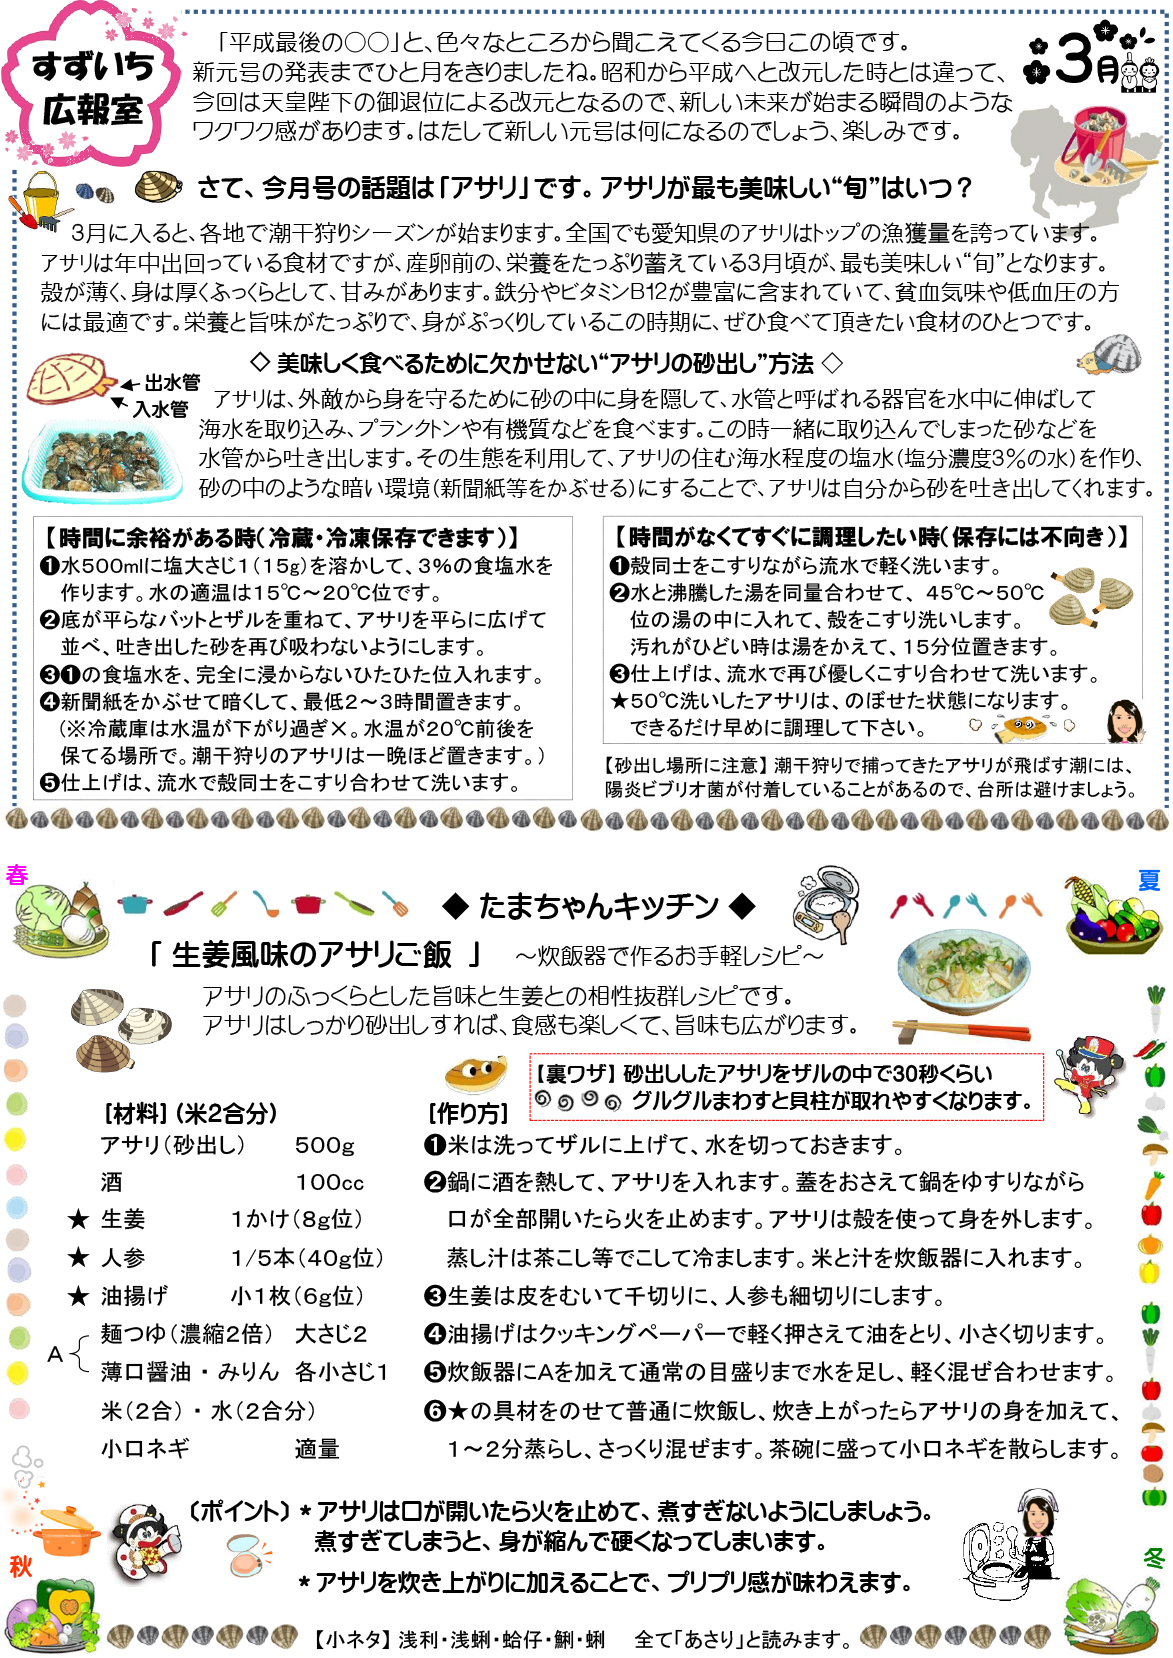 鈴一物産株式会社|すずいち広報室(たまちゃんキッチン)